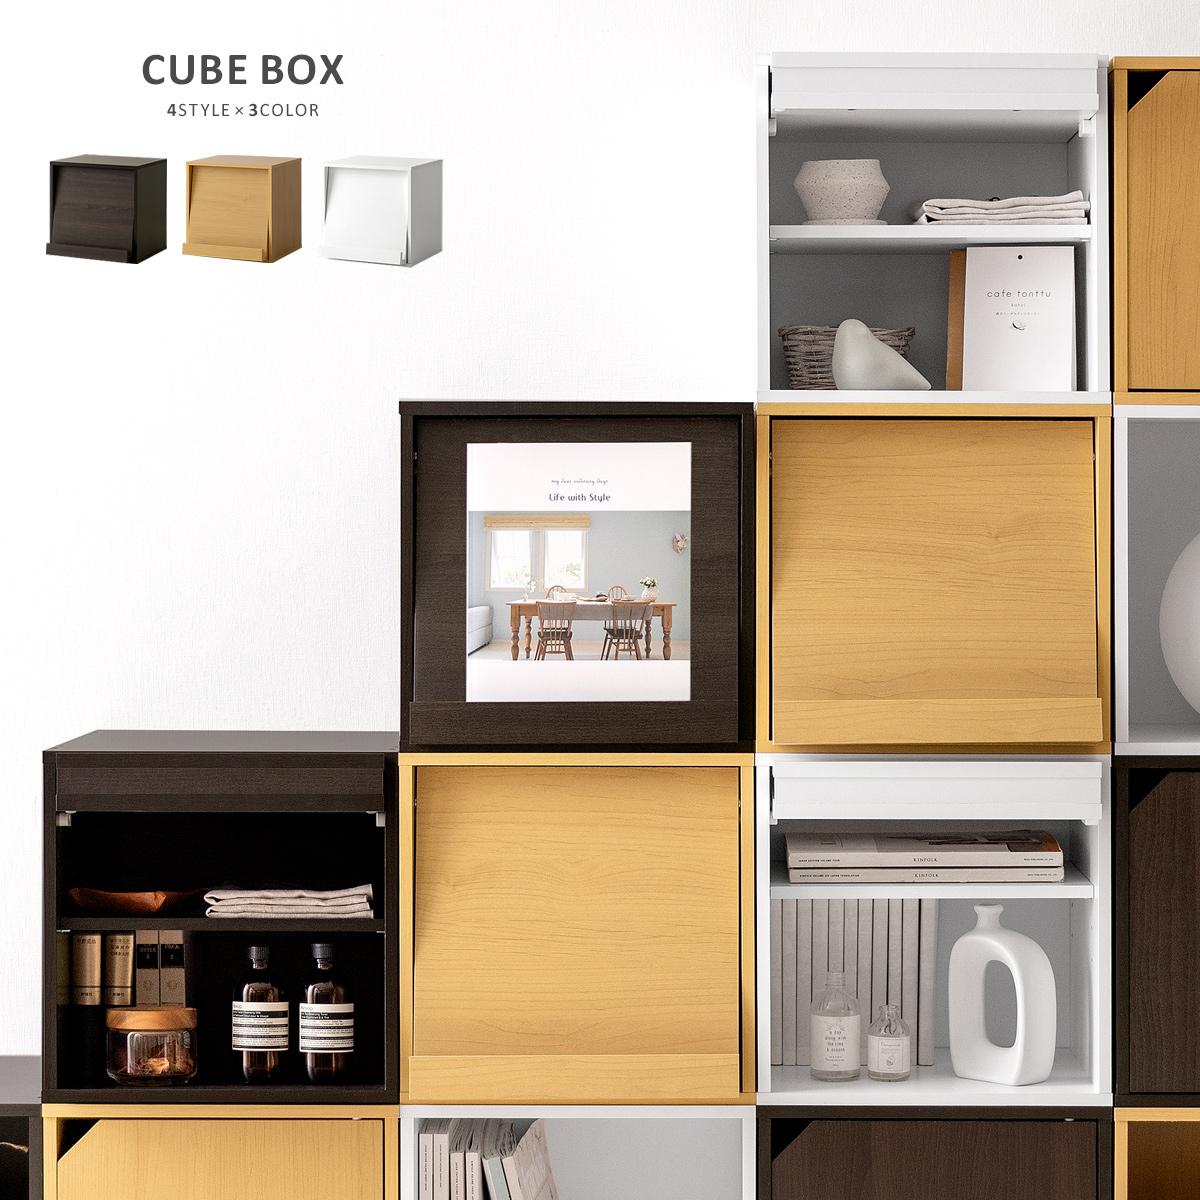 キューブボックス 扉付き おしゃれ 収納ボックス カラーボックス 収納棚 木製 北欧 収納ラック 当店は最高な サービスを提供します リビング収納 フラップ扉タイプ シンプル ラック 発売モデル CUBE モダン BOX 本棚